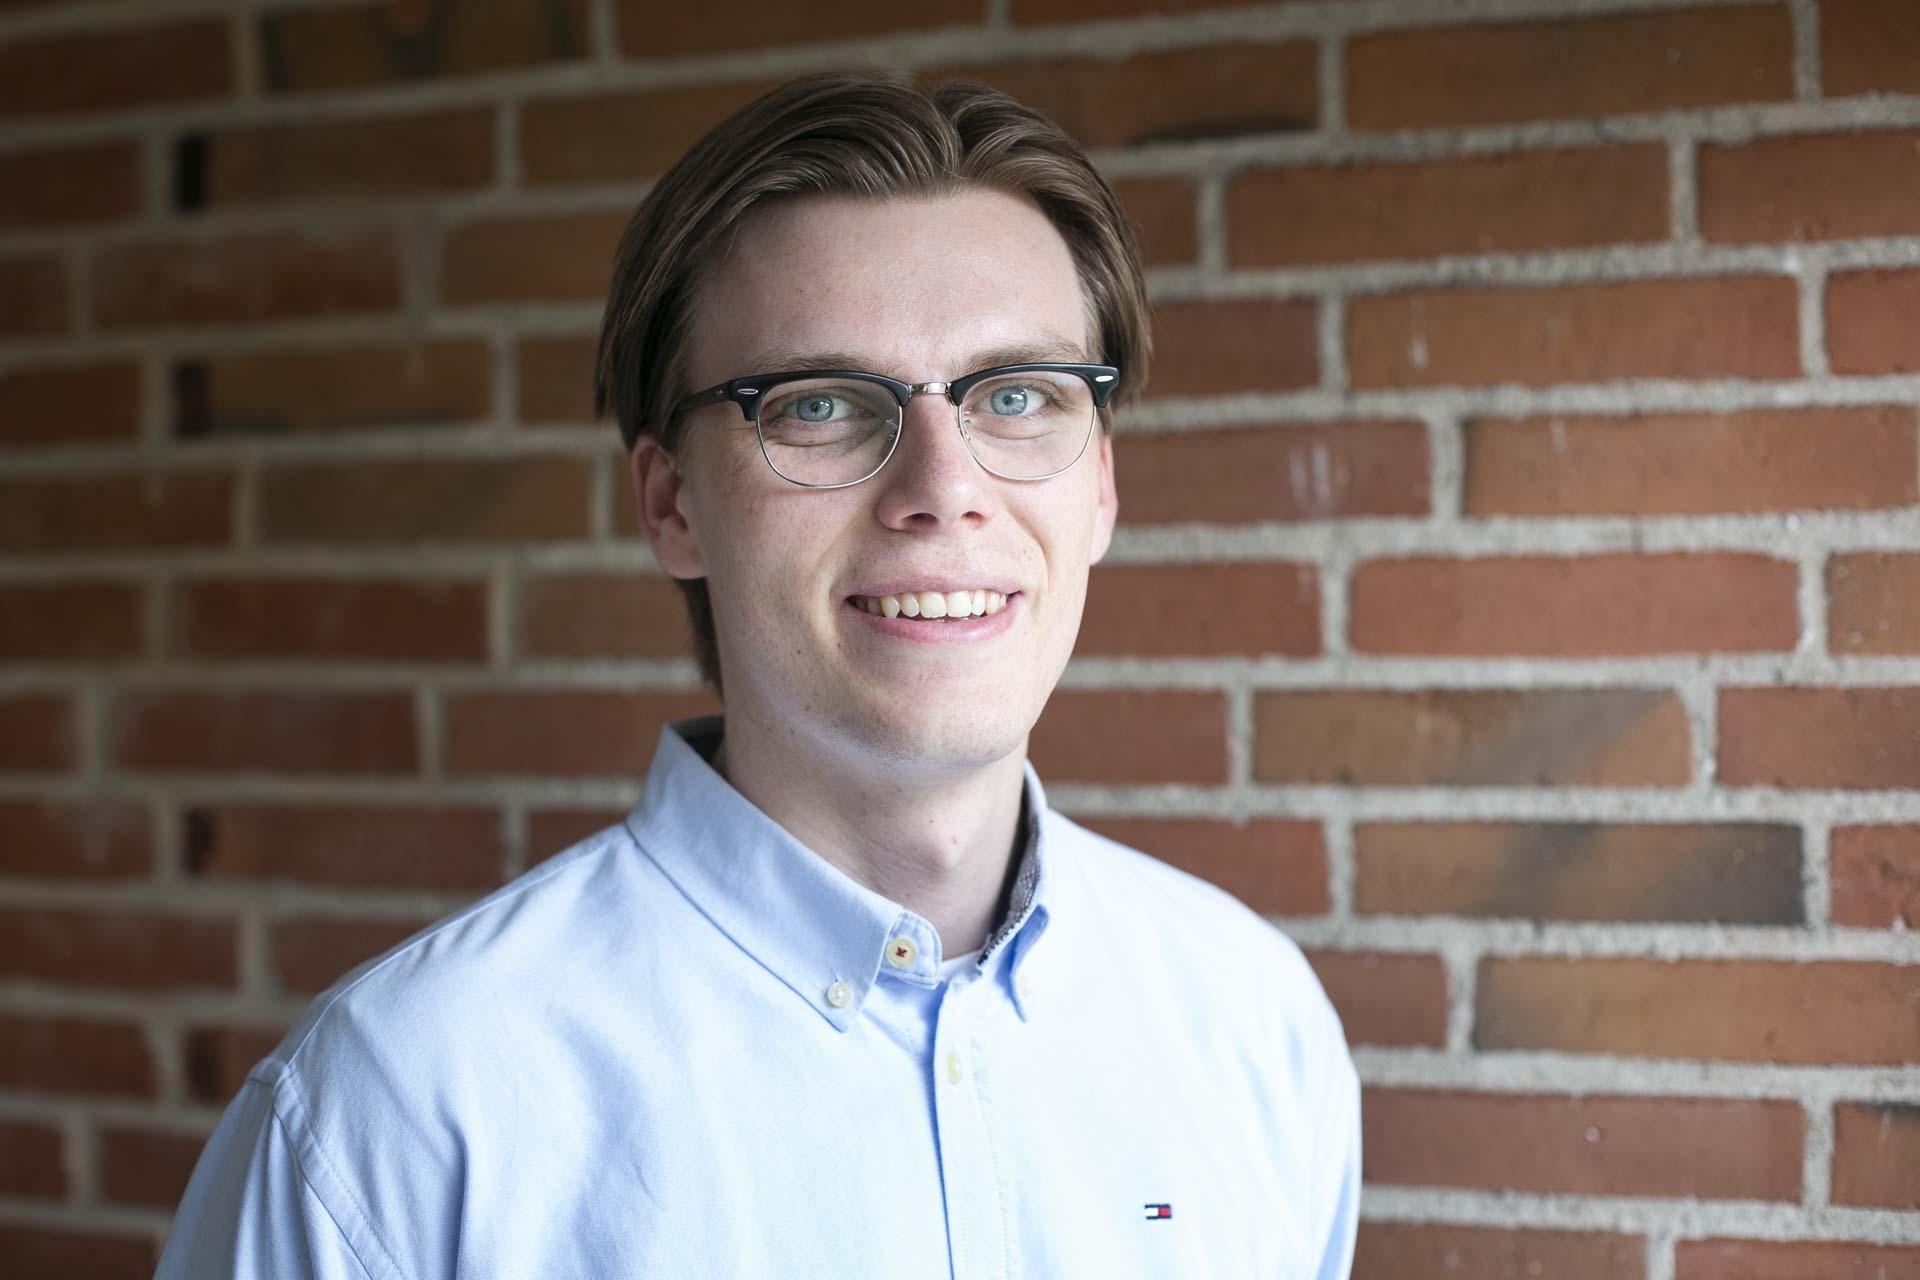 Frederik Ræbild Kjemtrup